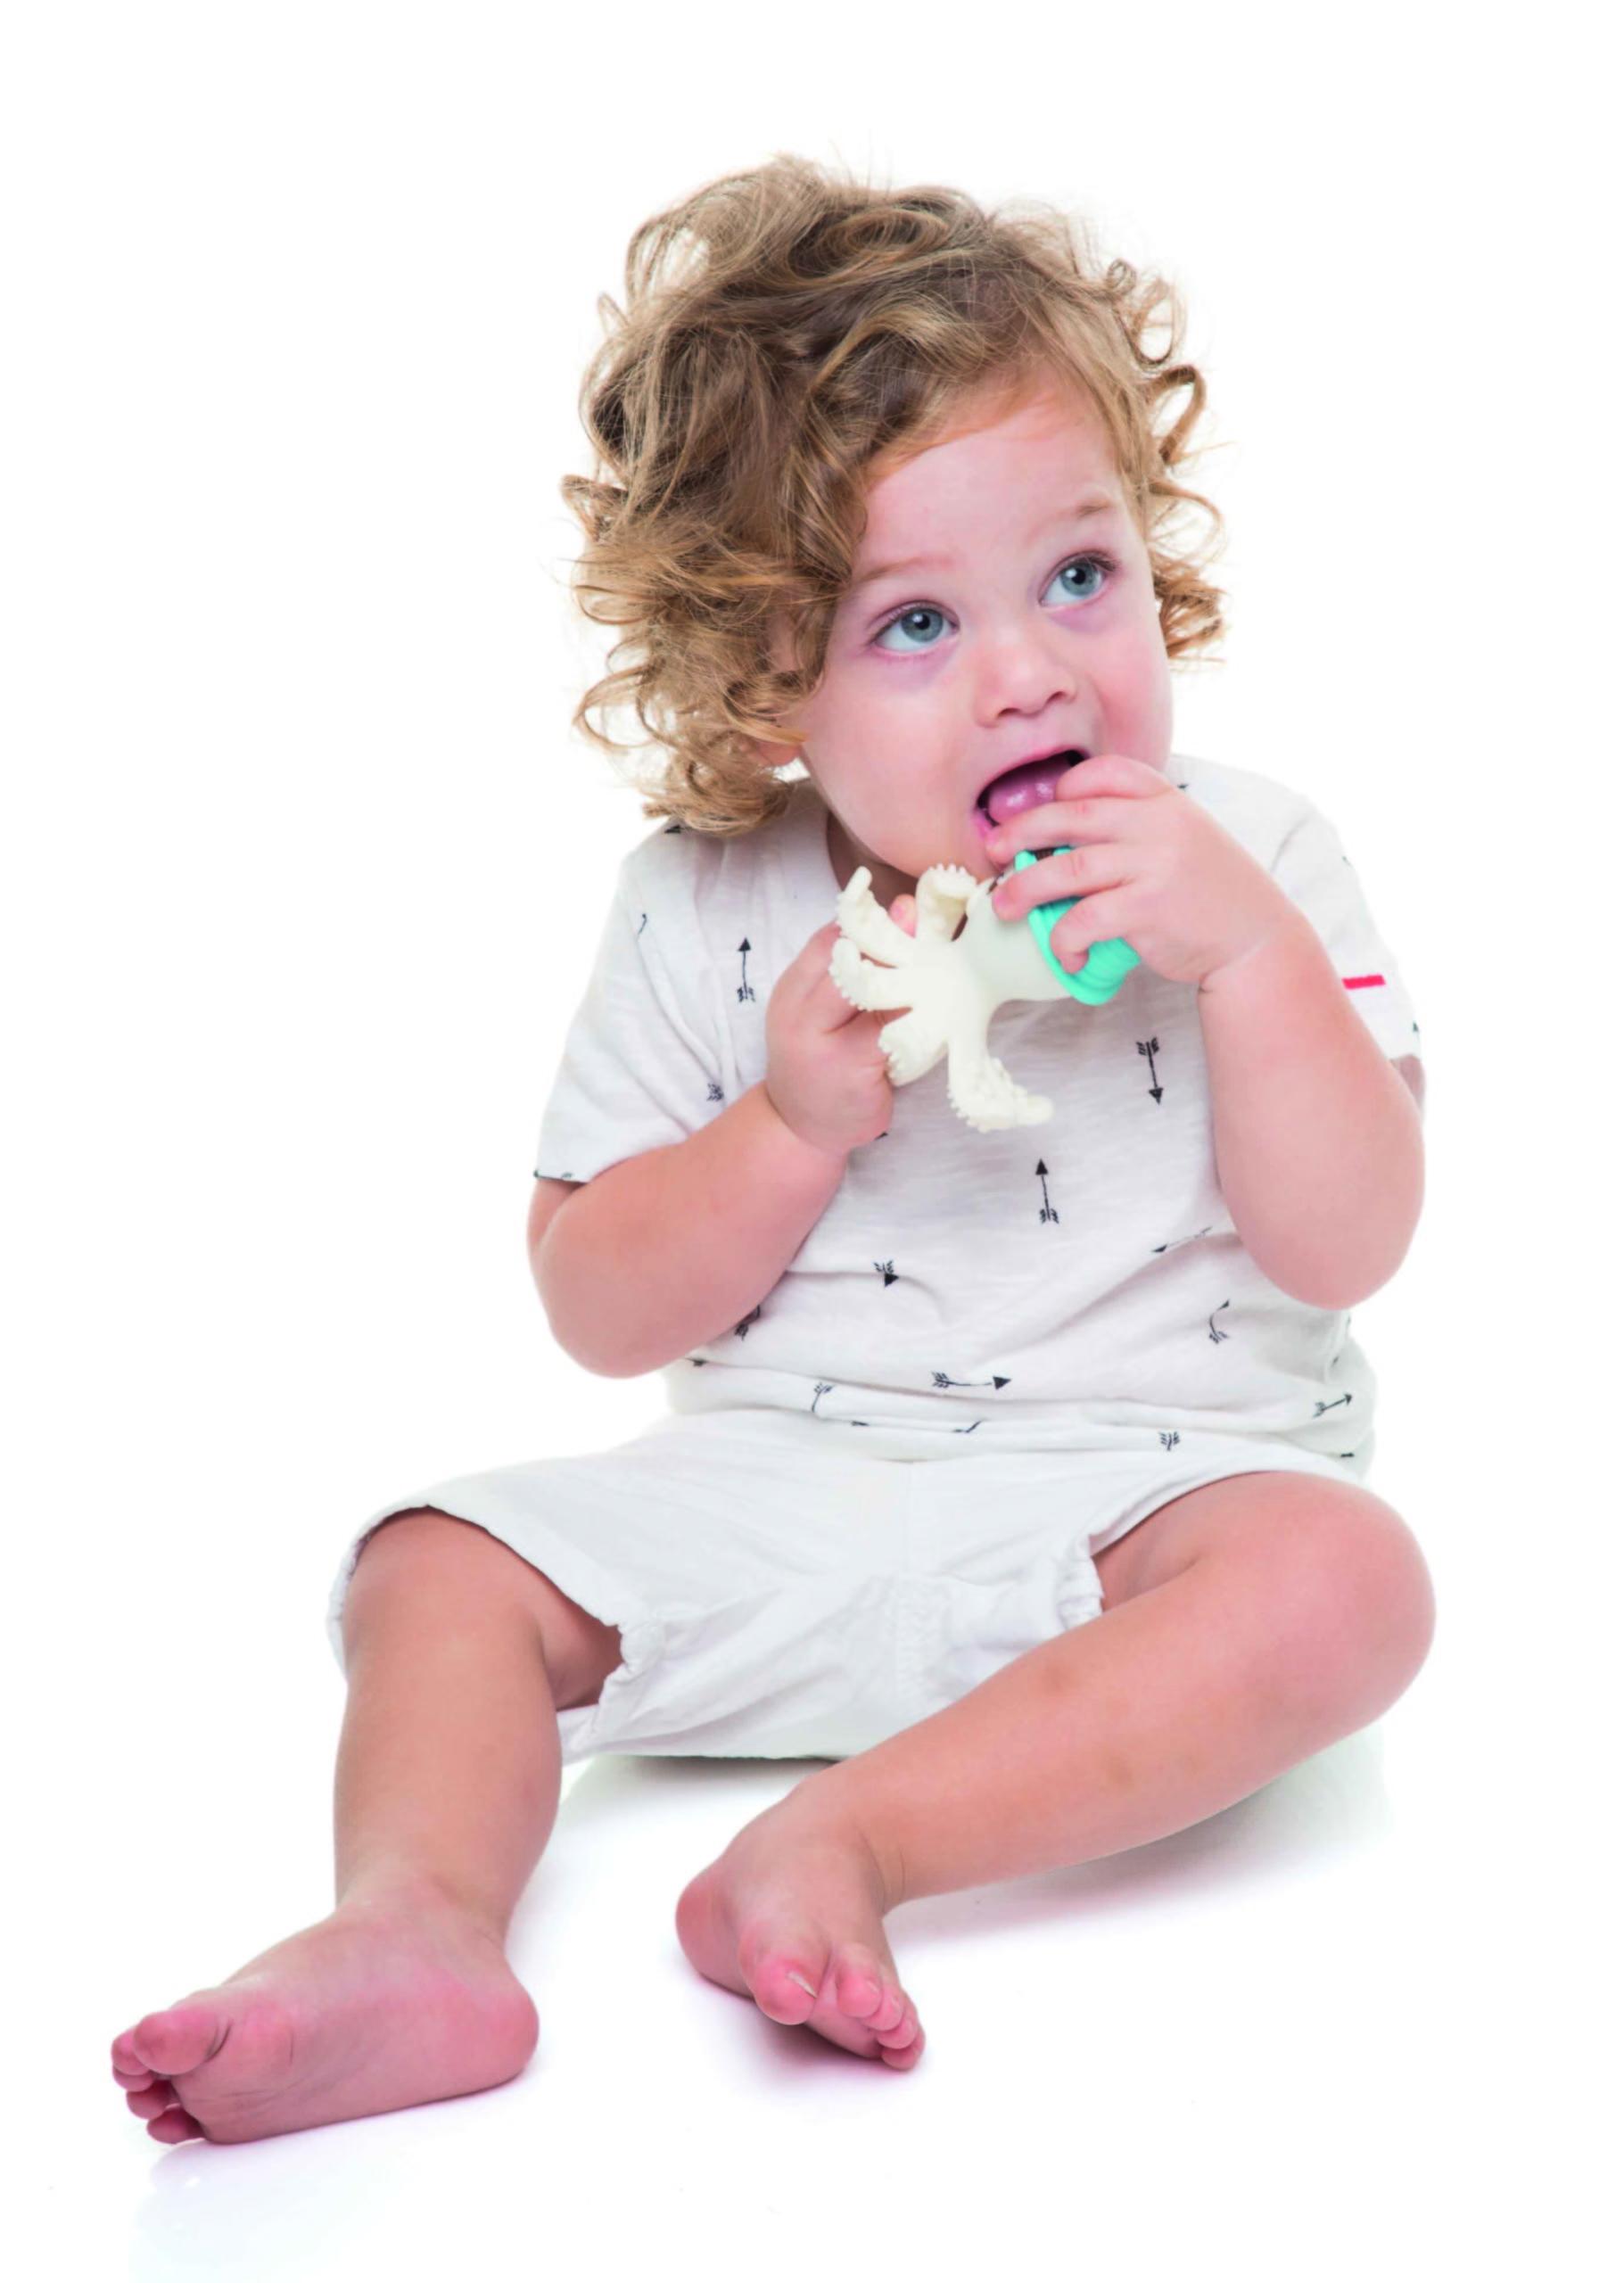 Χταποδάκι μασητικό BabyToLove